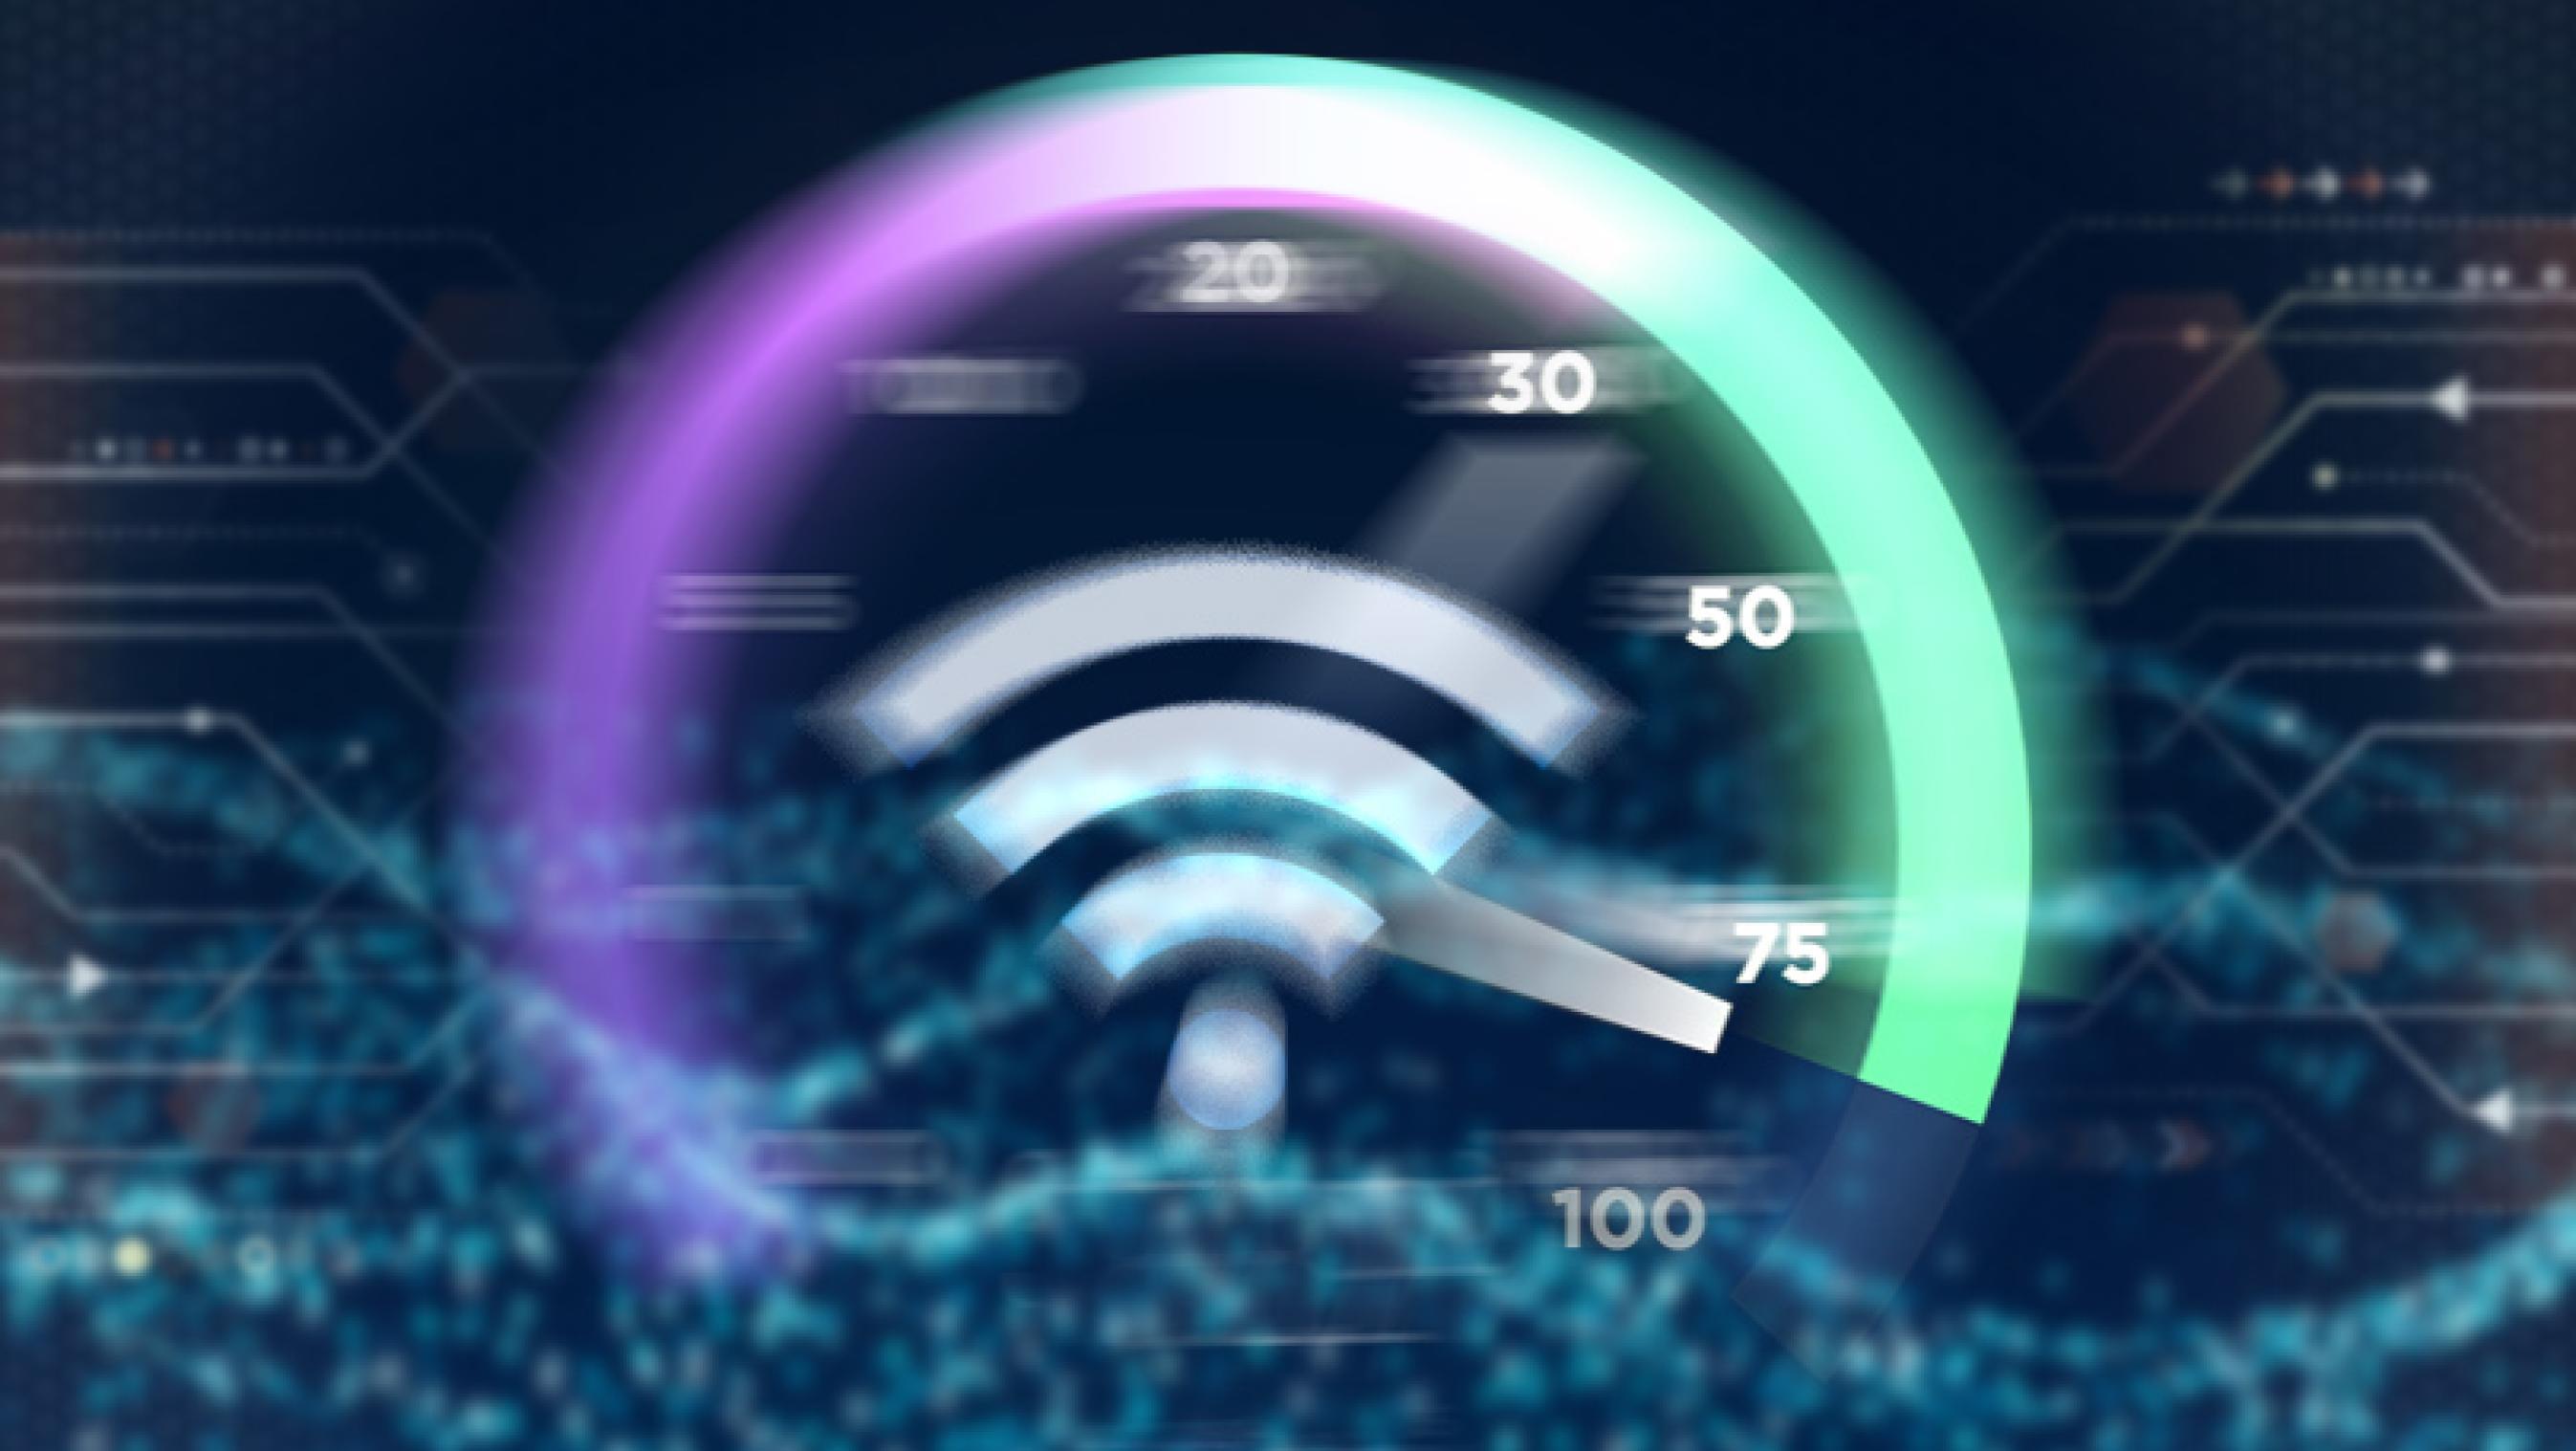 جایگاه ایران در آخرین رتبهبندی سرعت اینترنت